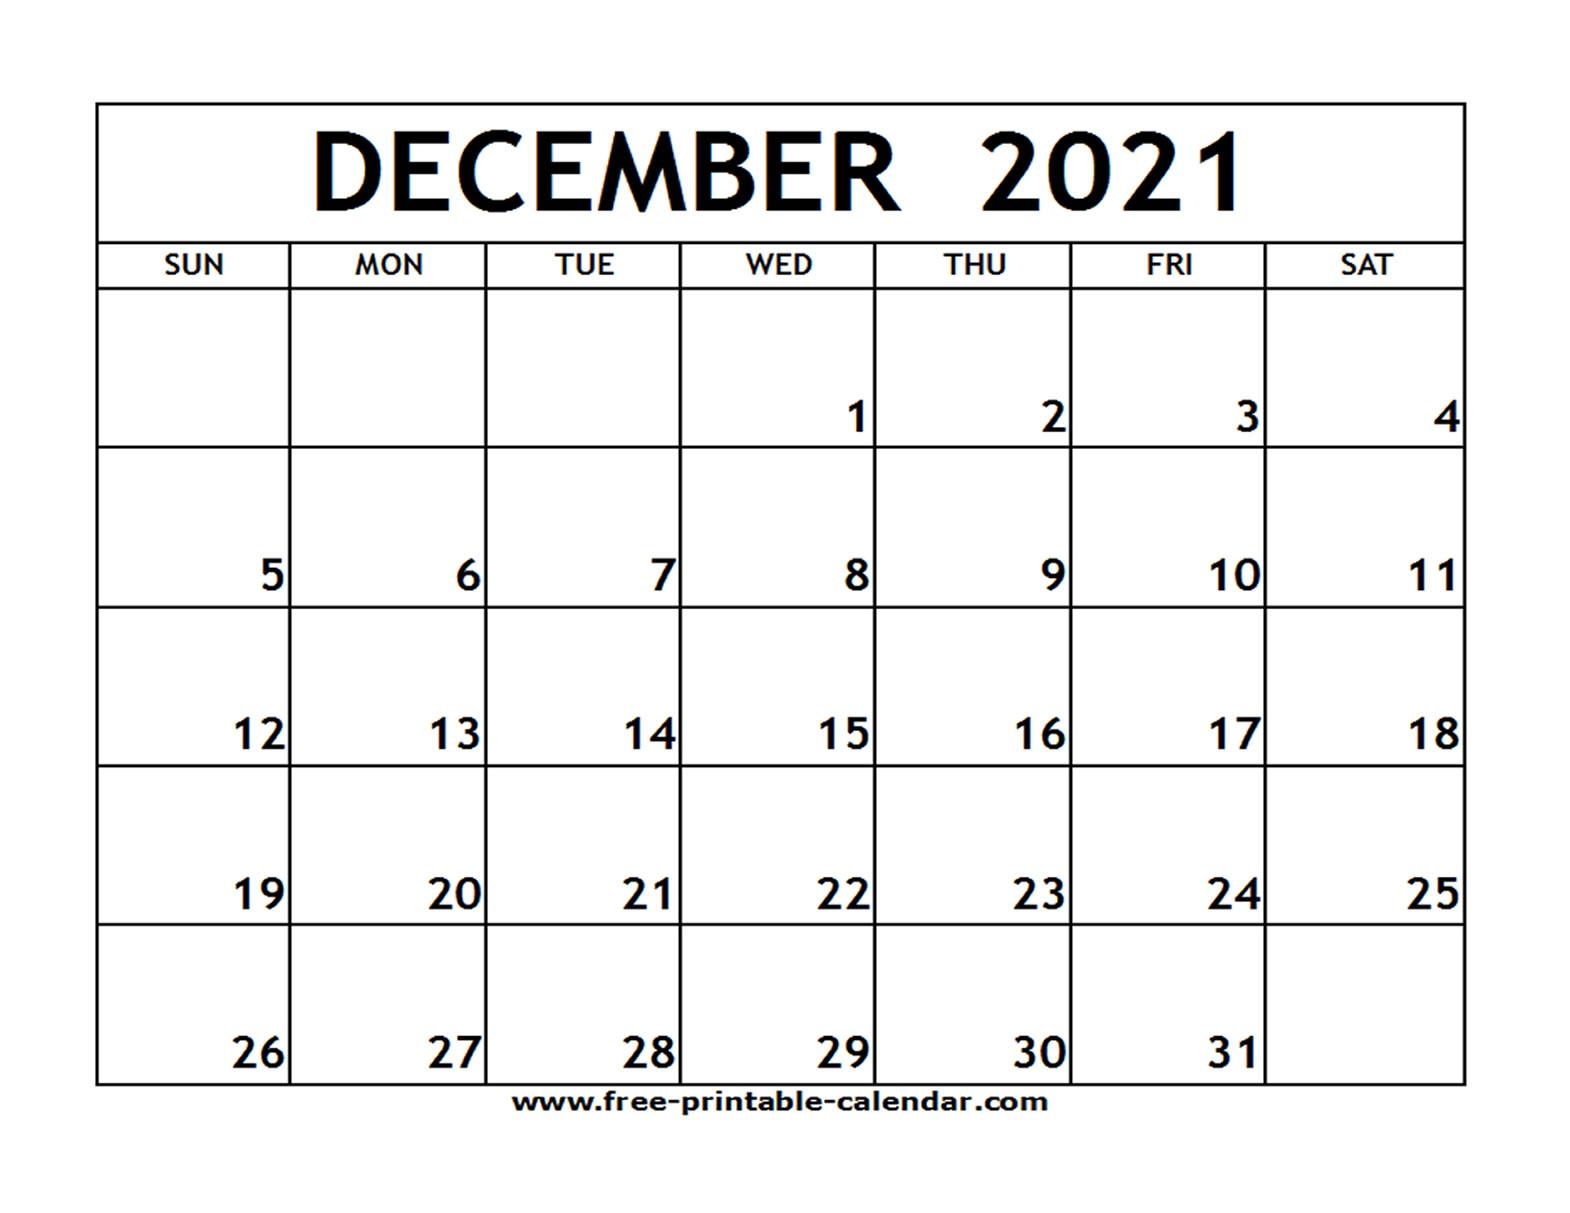 December 2021 Calendar Printable   Example Calendar Printable